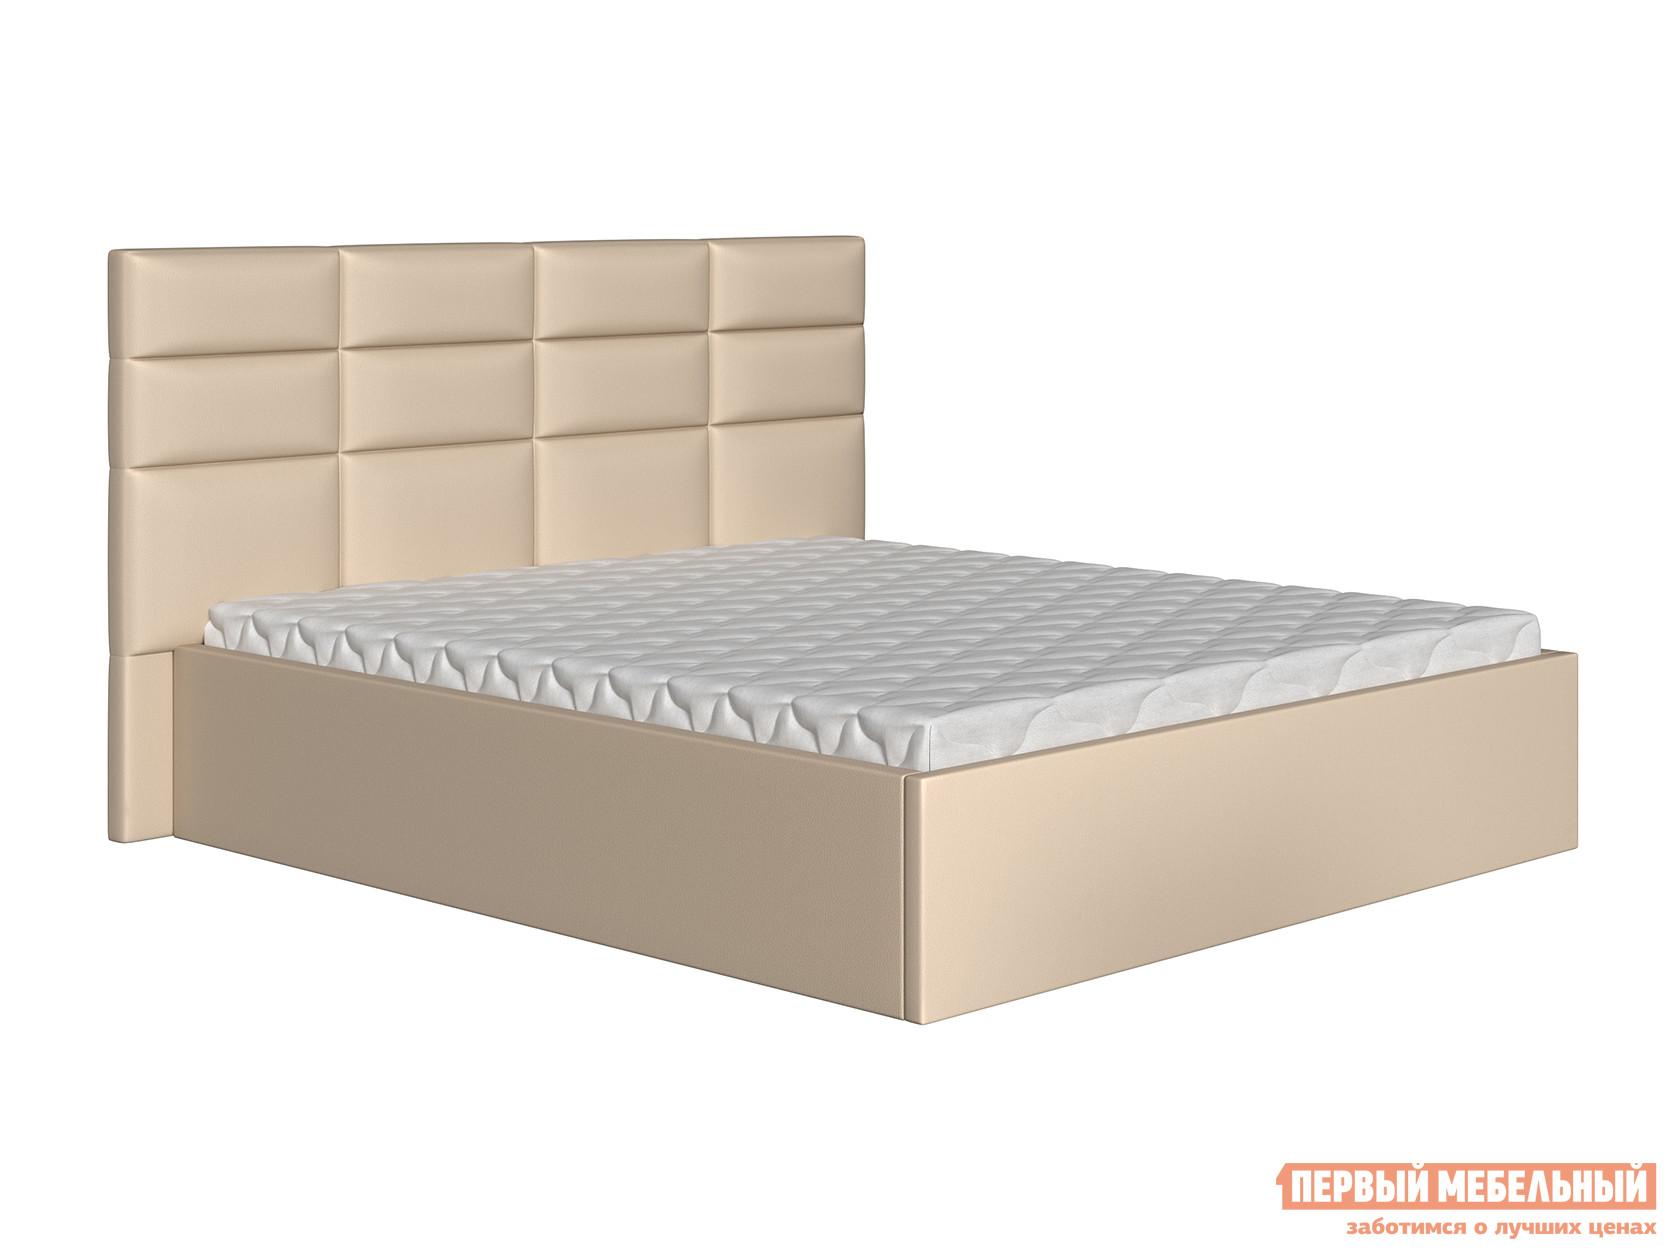 Двуспальная кровать  Кровать Коста Бежевый, экокожа, 140х200